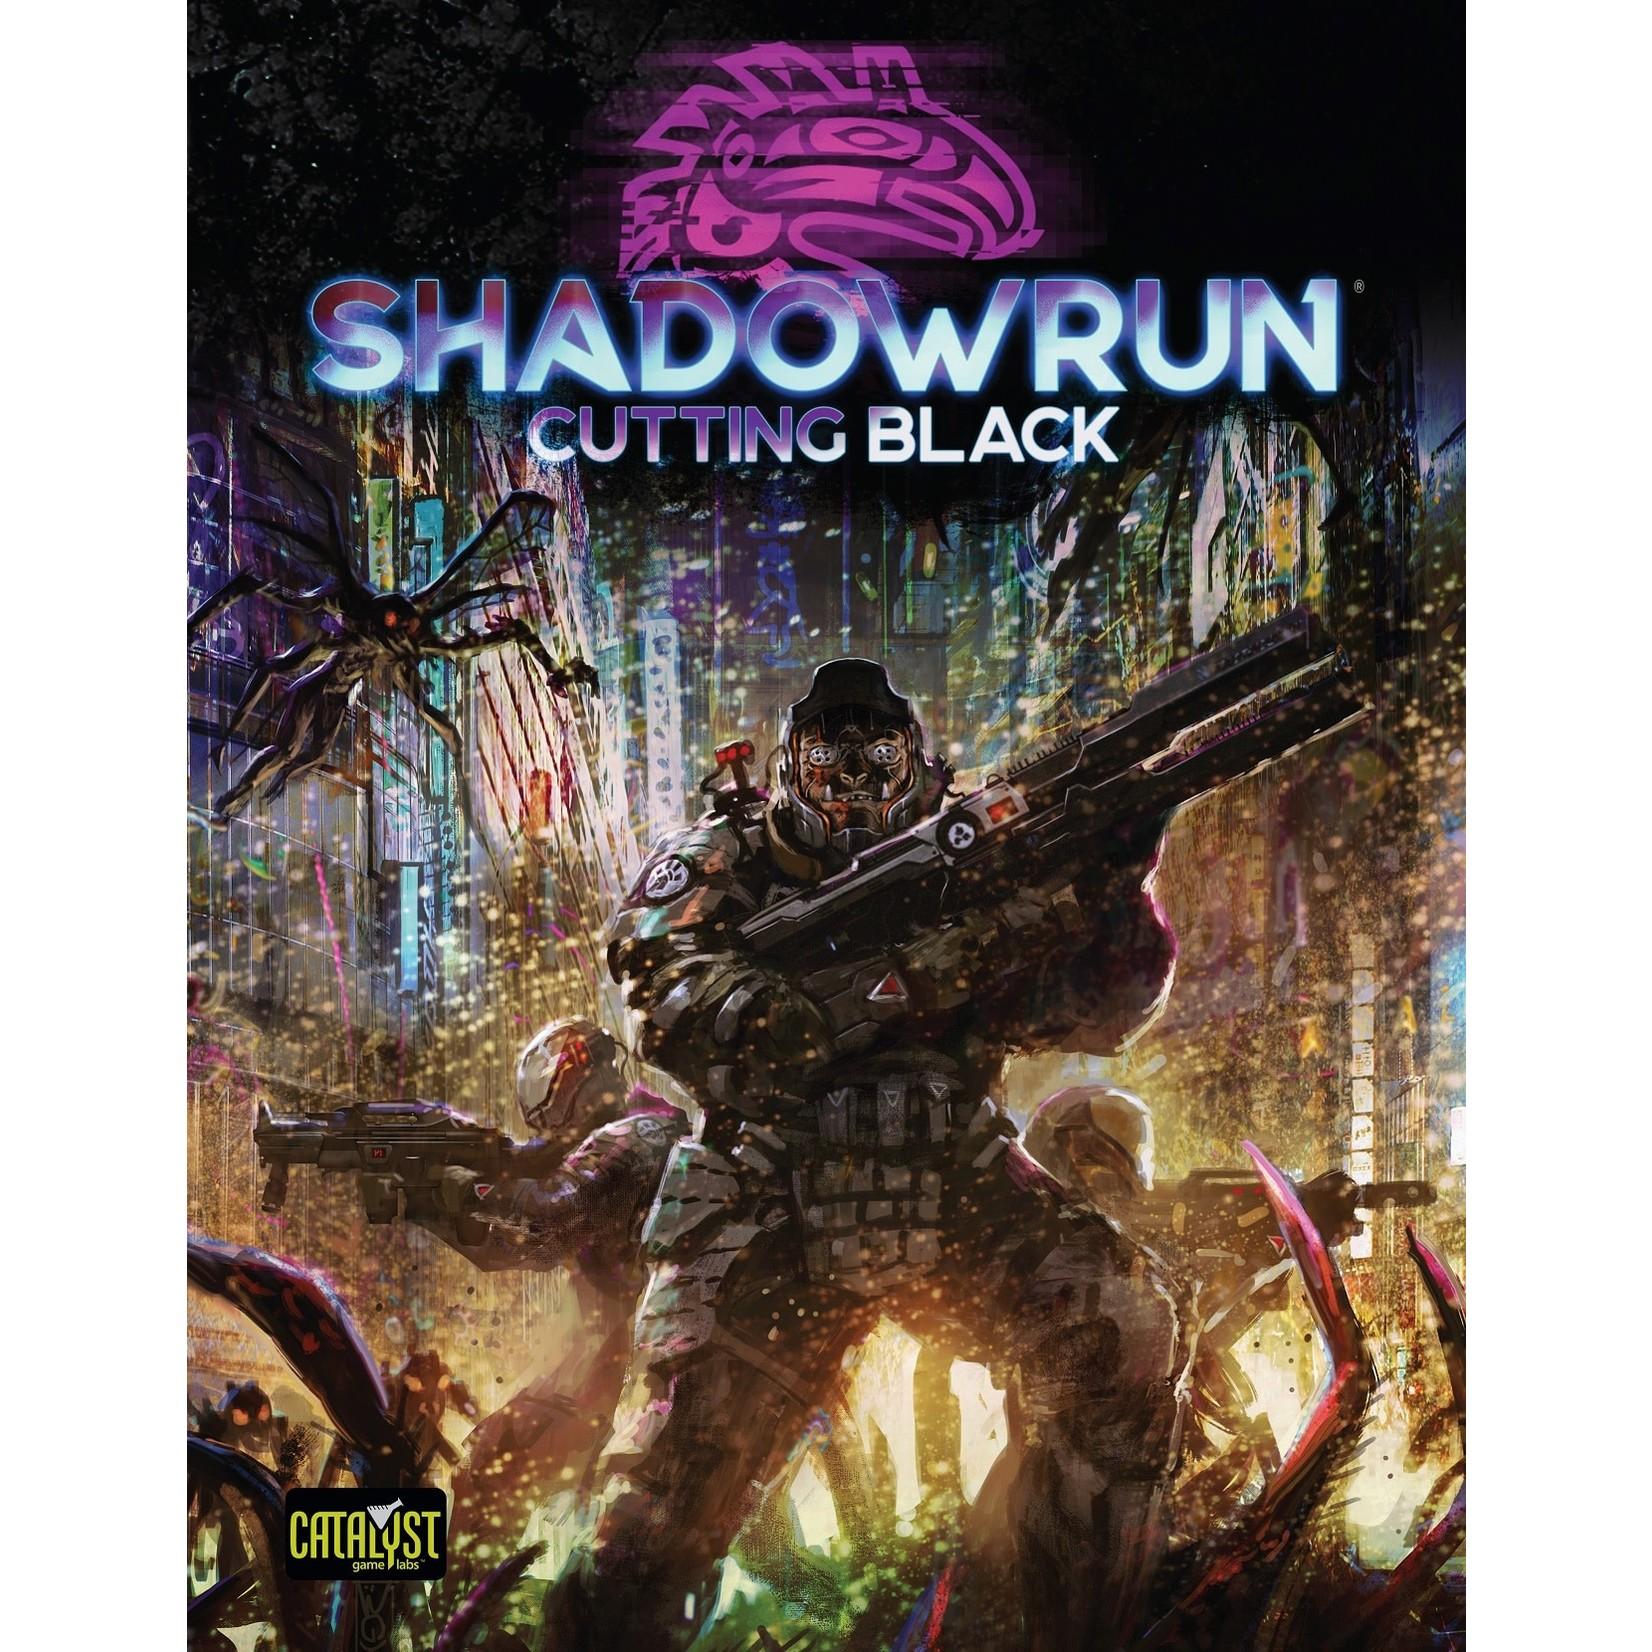 Shadowrun RPG 6th Edition Cutting Back